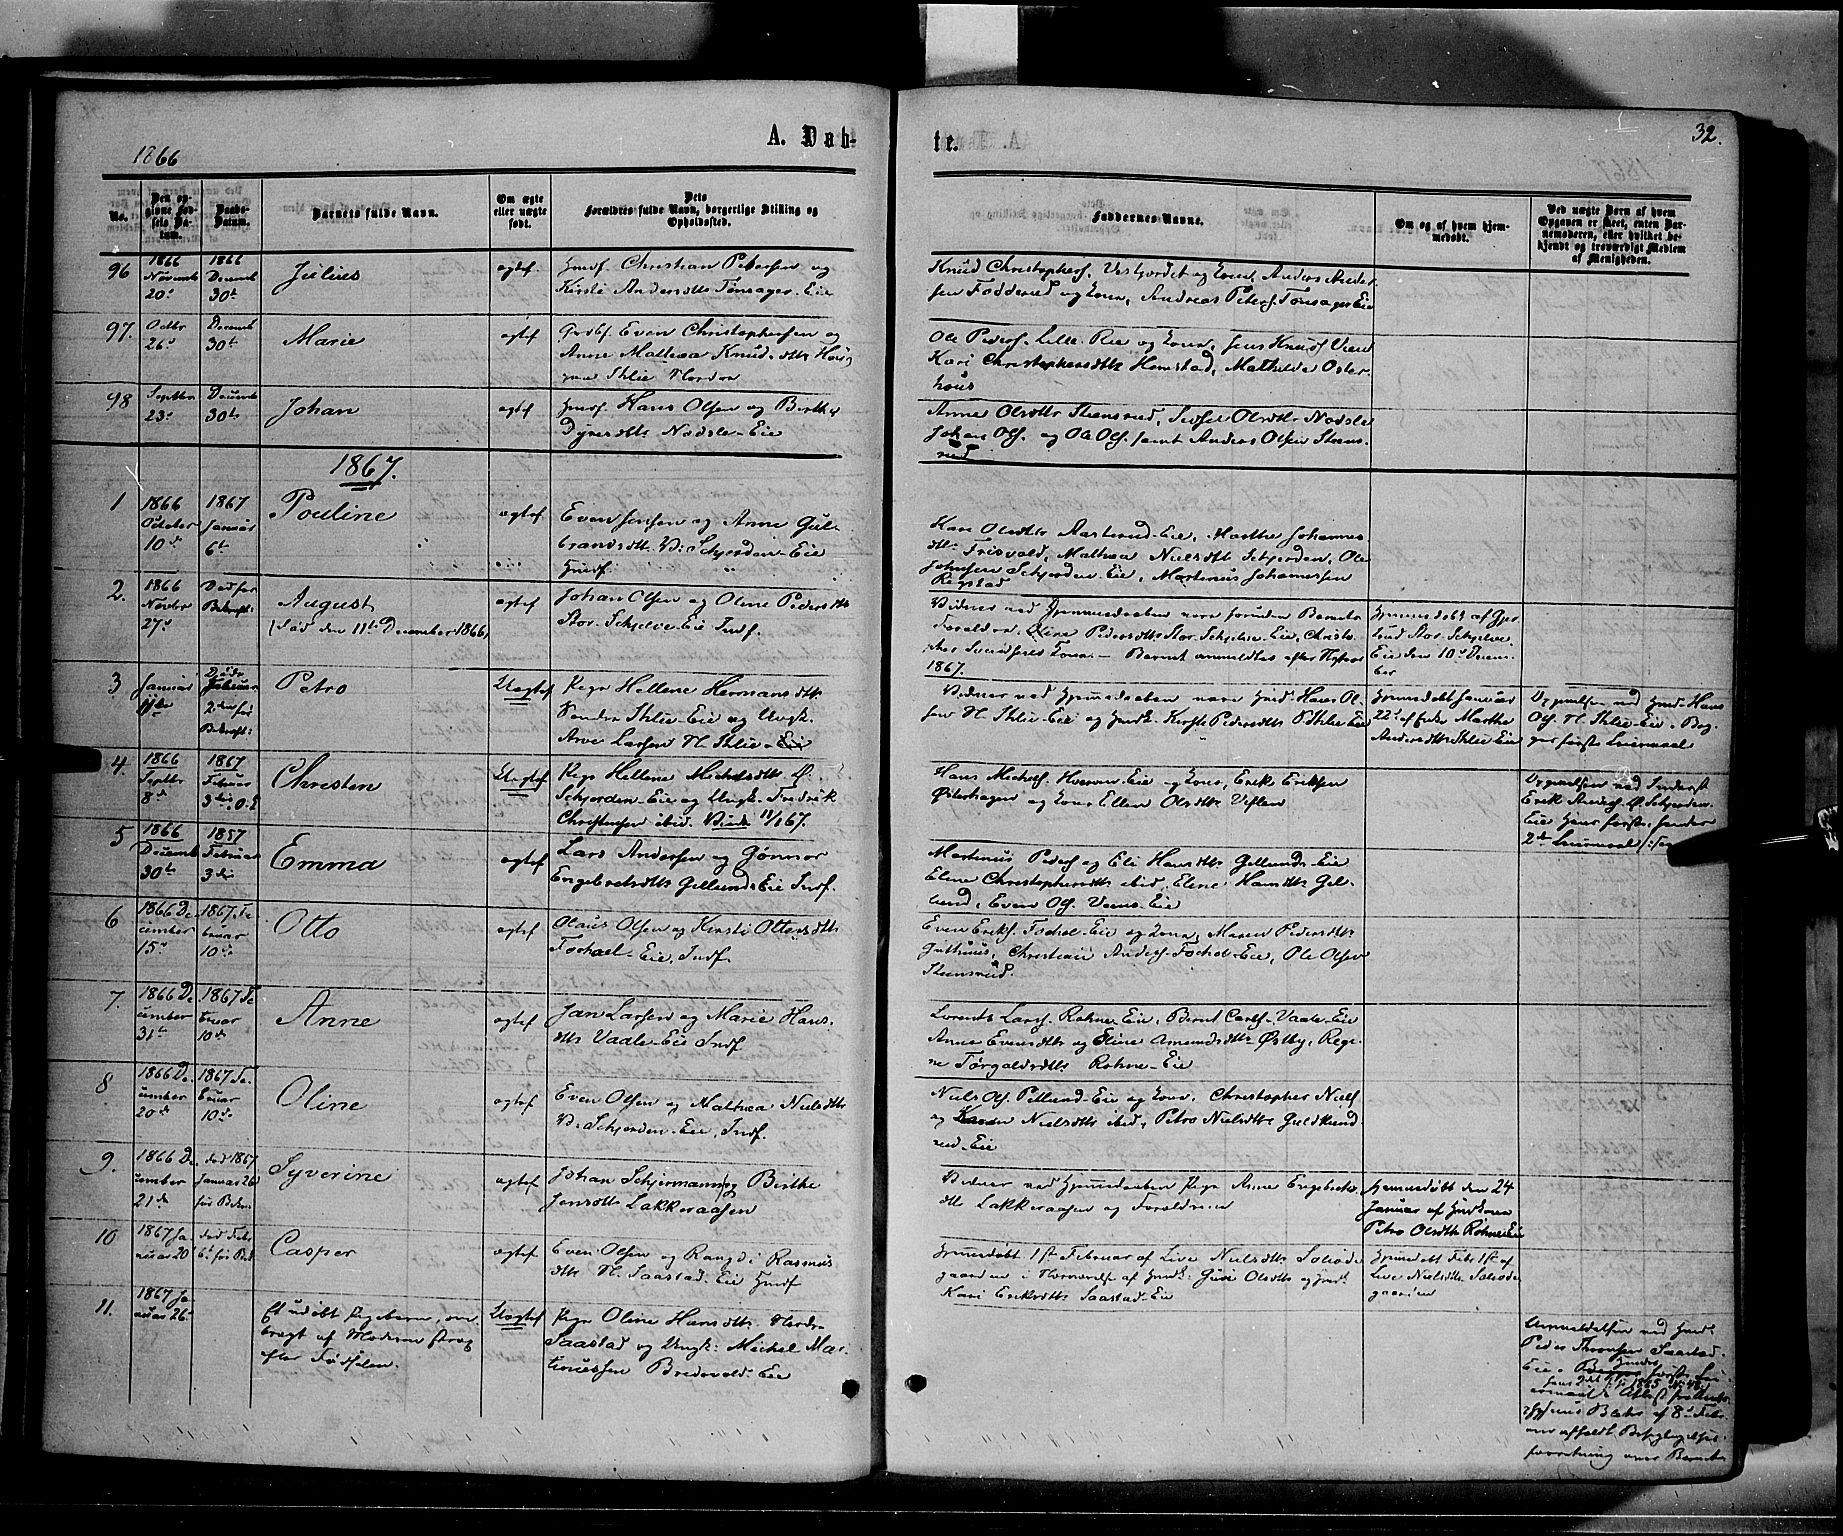 SAH, Stange prestekontor, K/L0013: Parish register (official) no. 13, 1862-1879, p. 32